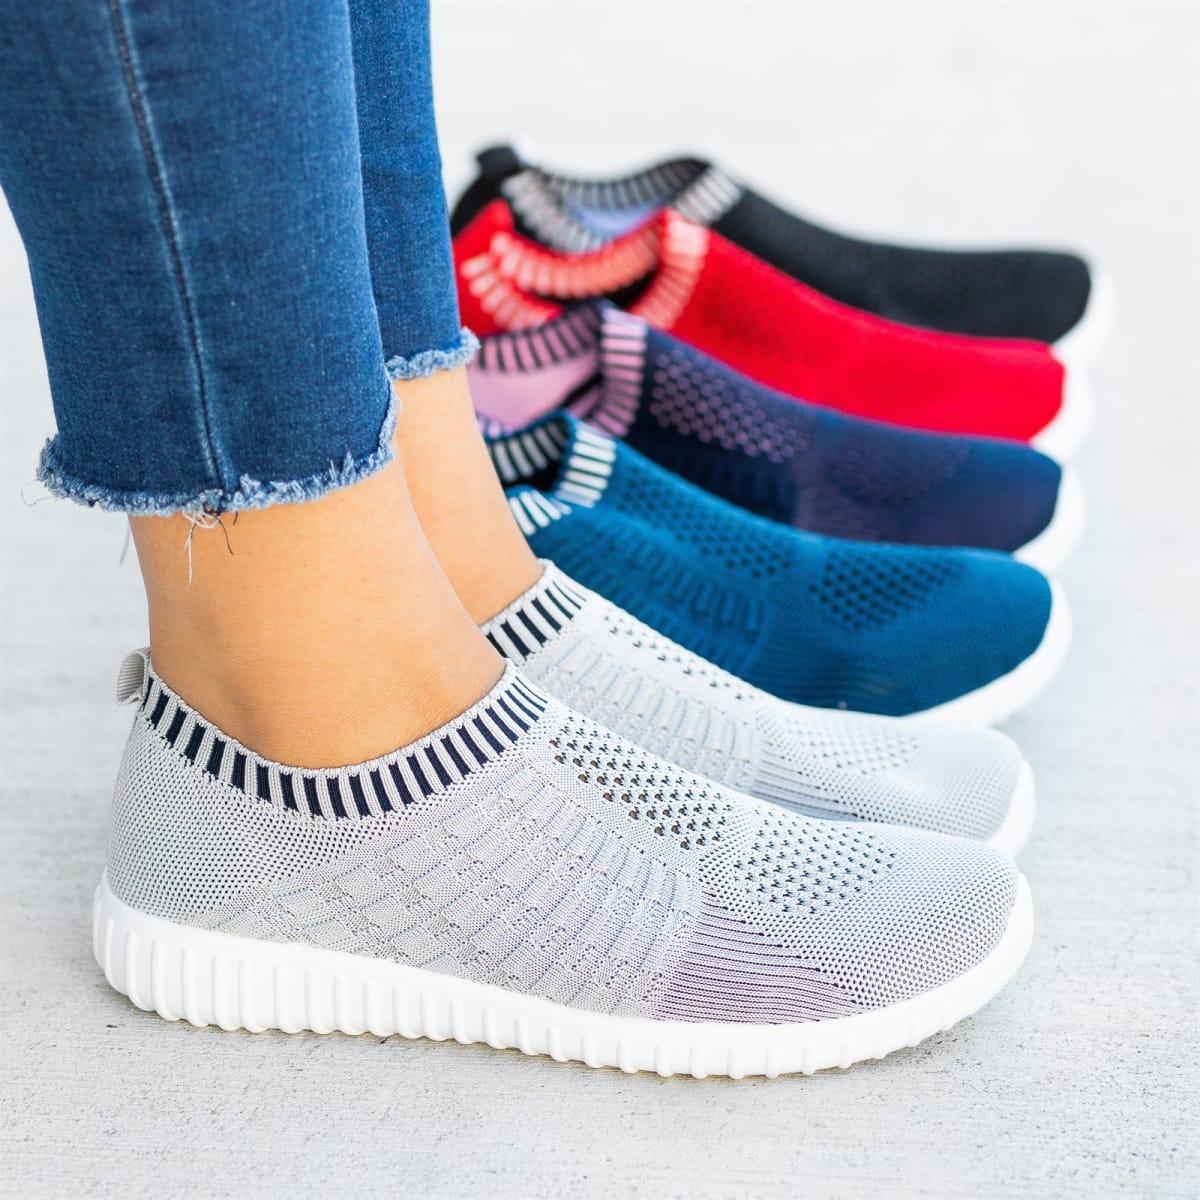 57c9c2c425d6 Elastic Athleisure Sneakers